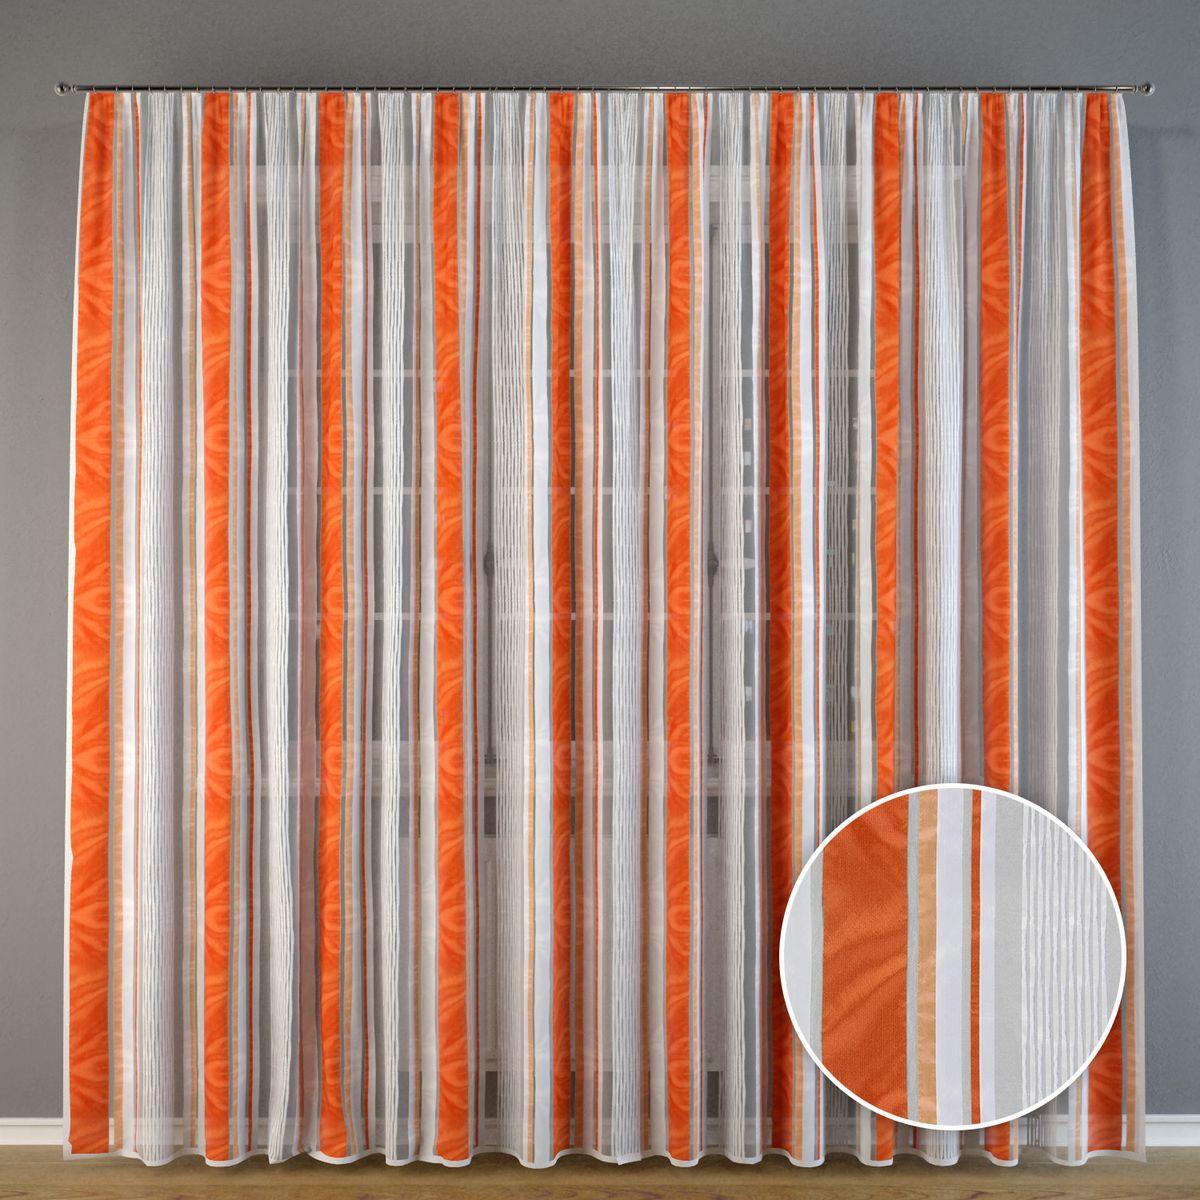 Тюль Ambesonne Оранжевые полоски, на ленте, высота 275 см кожаный ремень klingel цвет черный